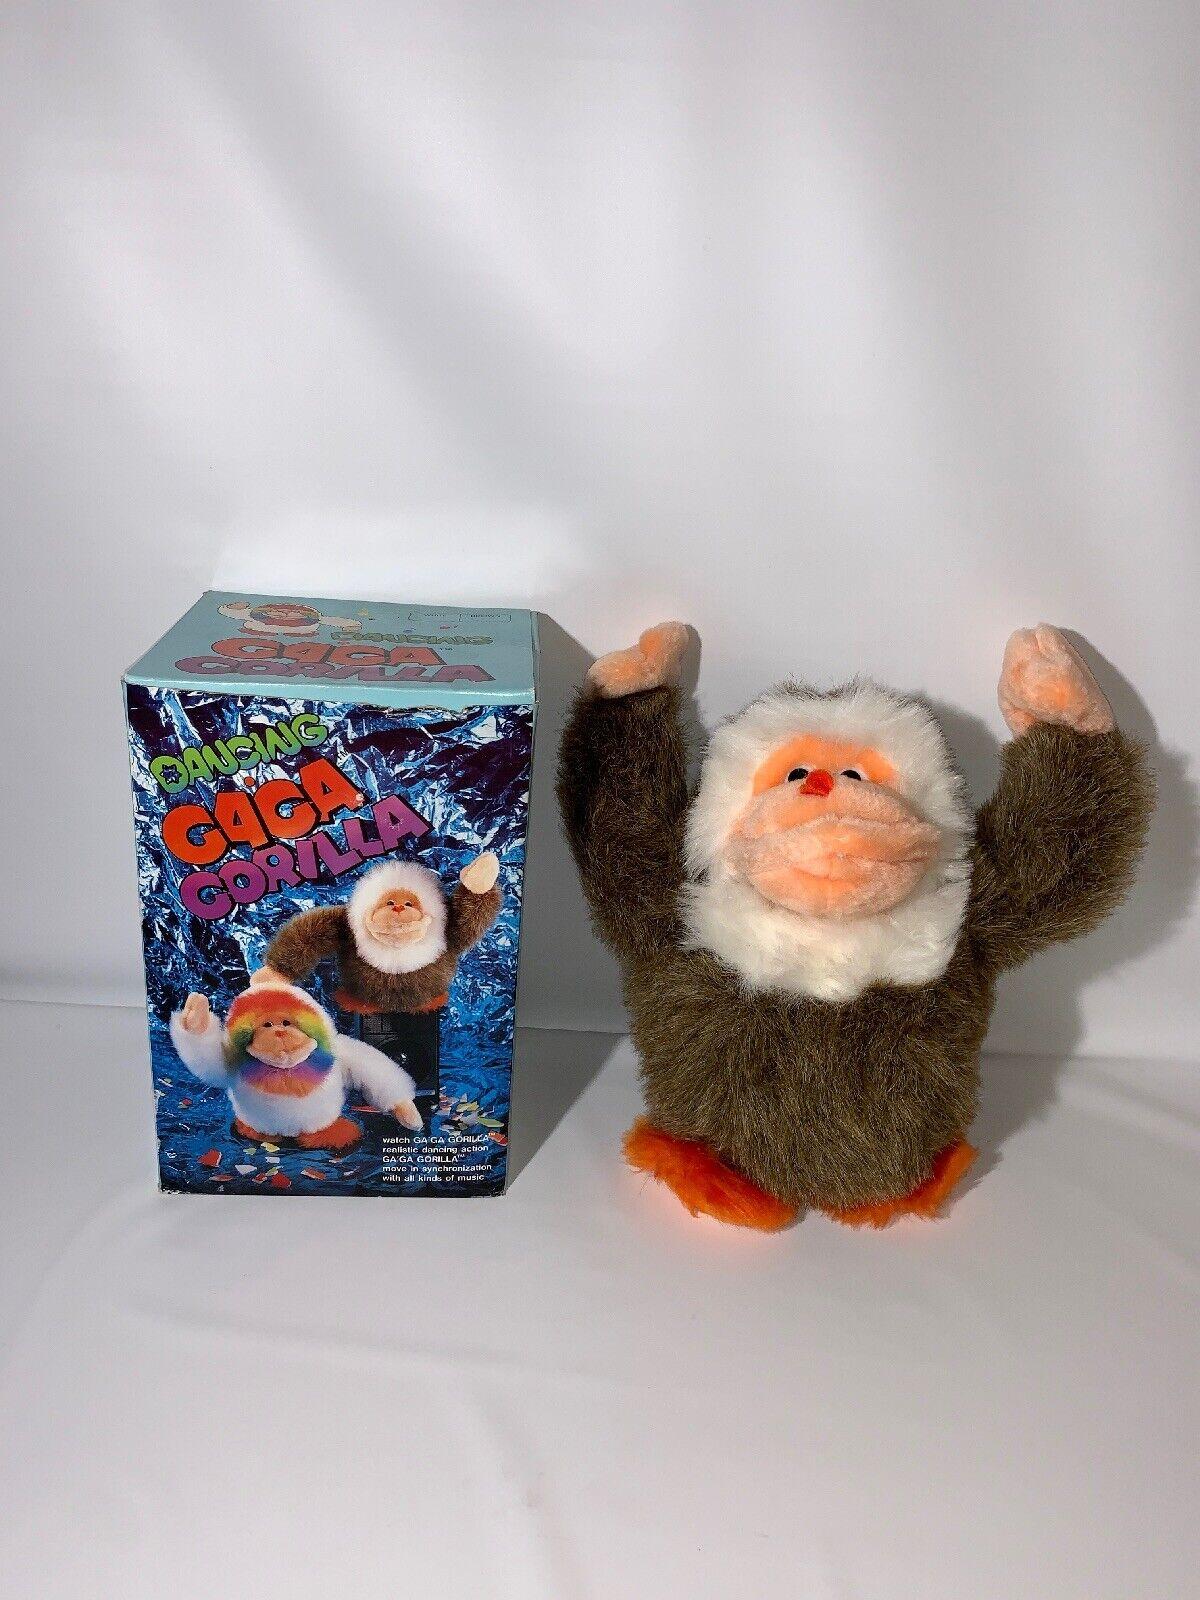 Dancing GaGa Gorilla Plush Electronic Toy Metro 1986 Rare braun With Box Tested